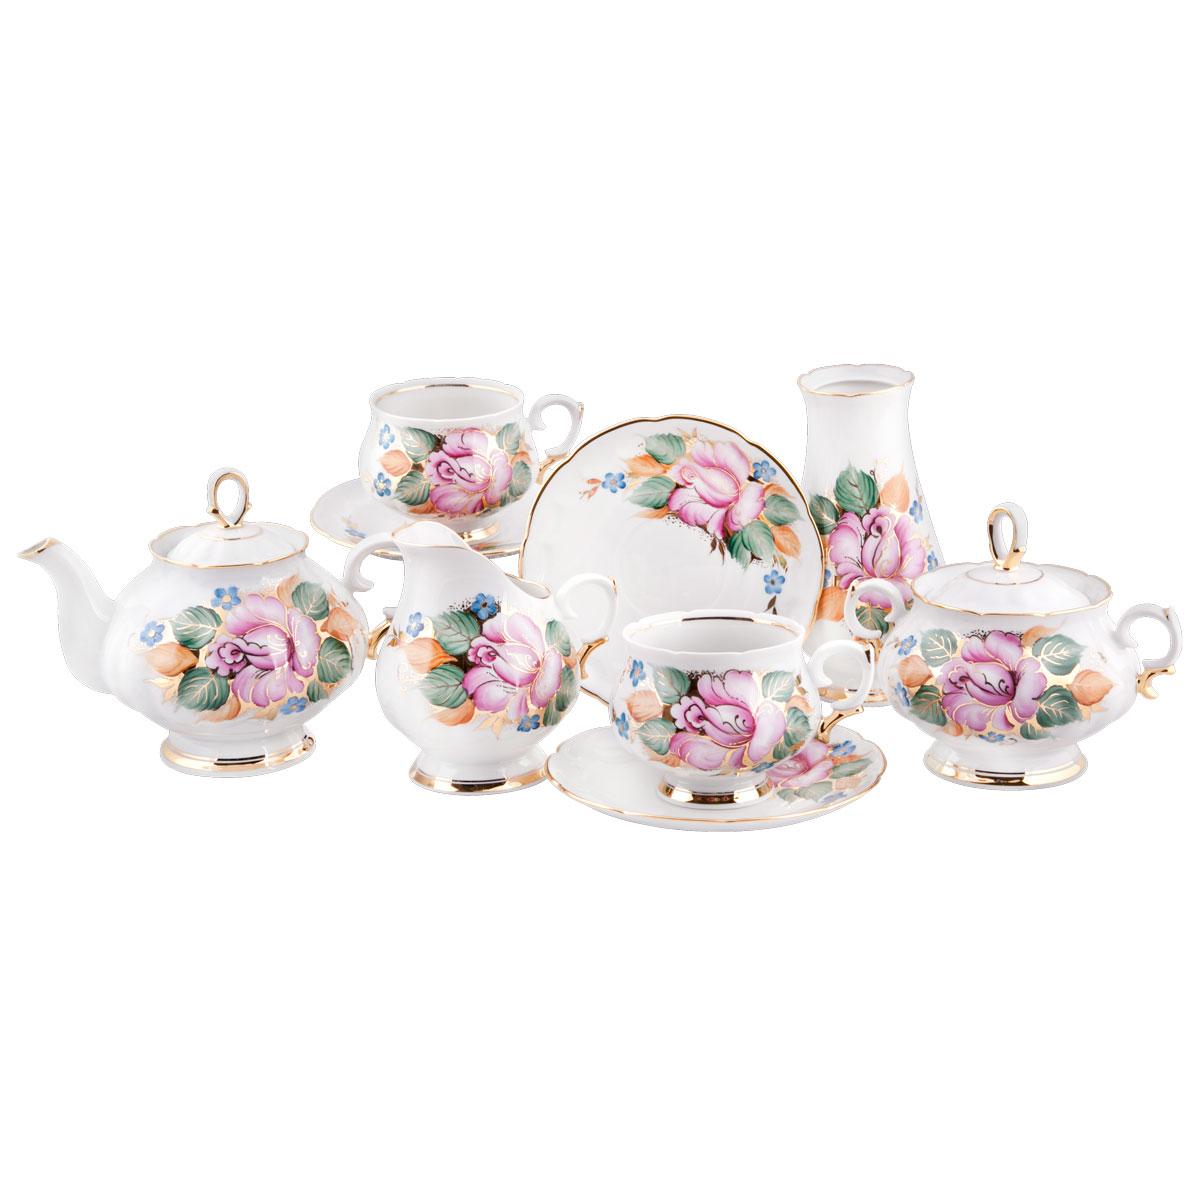 Сервиз чайный Башфарфор Розалия, 16 предметовVT-1520(SR)Сервиз чайный из белого фарфора рассчитан на 6 персон. Тонкий белый фарфор.Изумительная посуда для настоящих ценителей с хорошим вкусом, подходит и для особых случаев и на каждый день. В состав набора входит: чашка 250мл 6 шт, блюдце 14,5см 6 шт, сахарница 300мл 1шт, чайник 600мл 1 шт, Молочник 250мл 1шт.